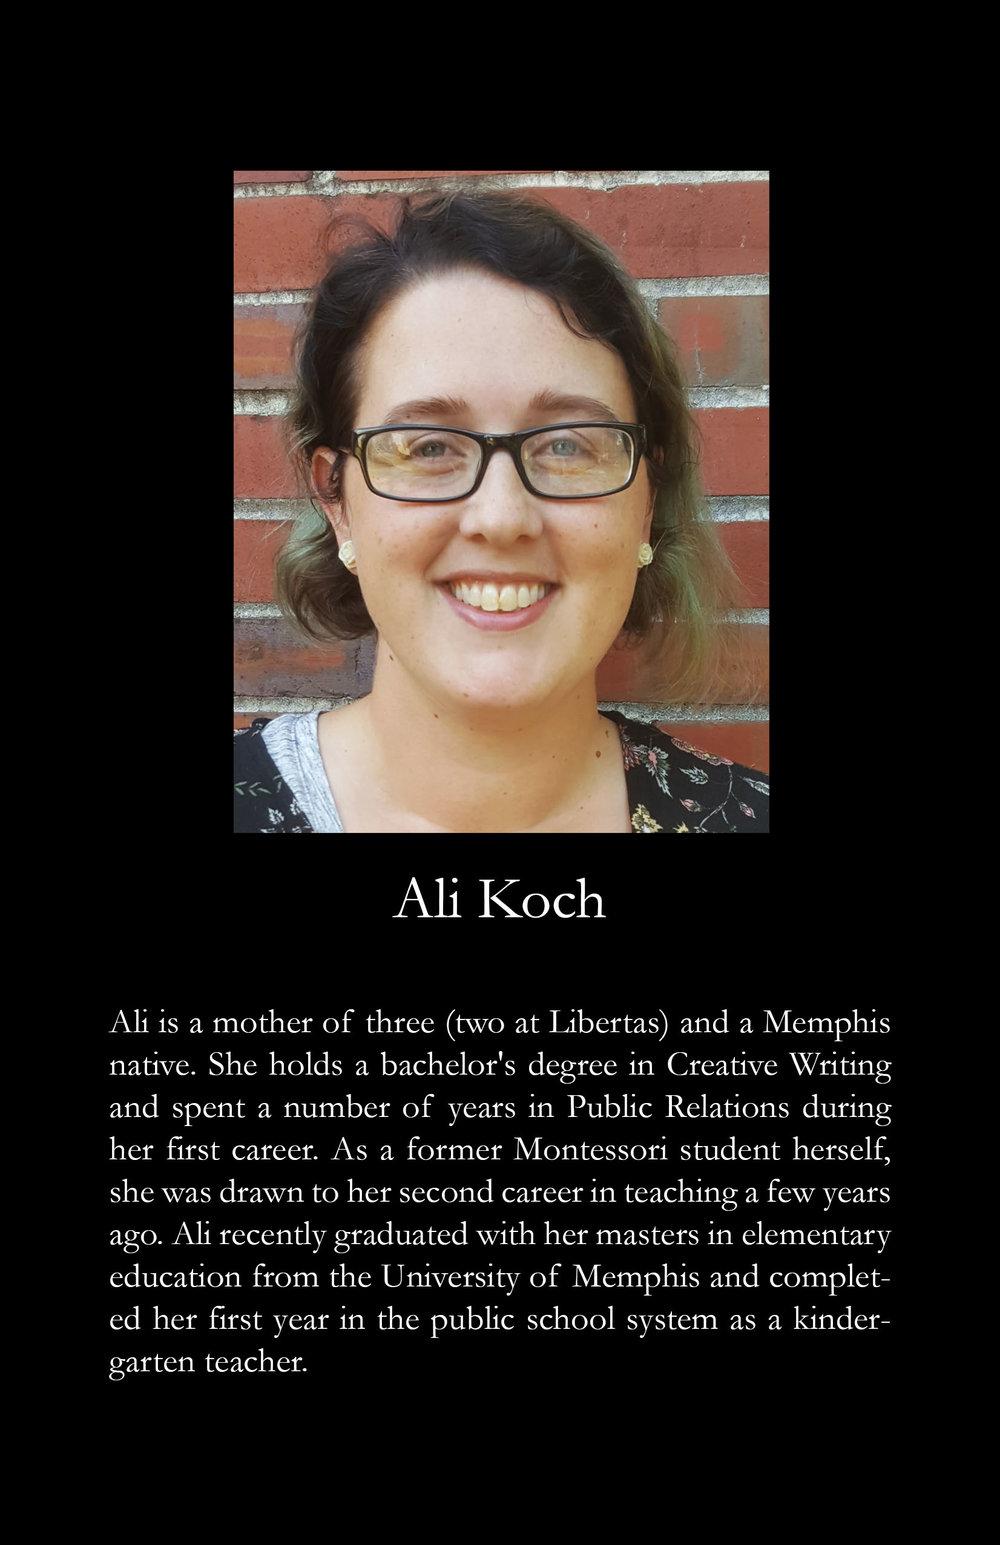 Ali Koch.jpg